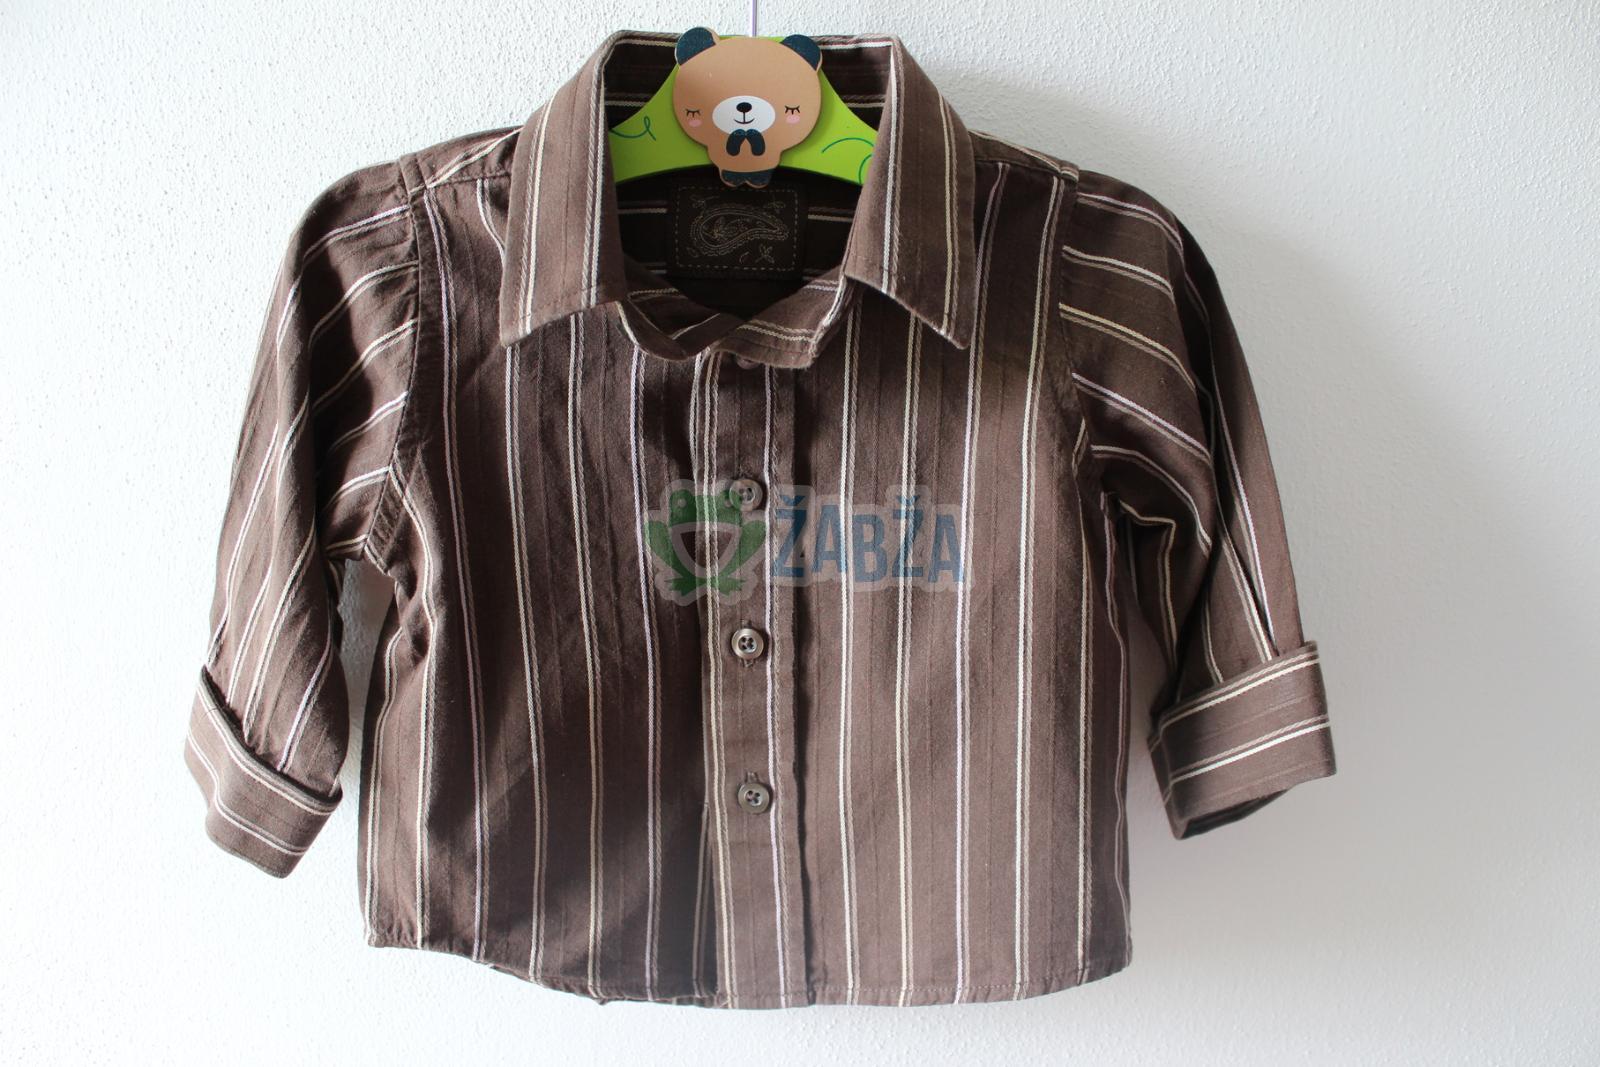 Klučičí košile s proužky